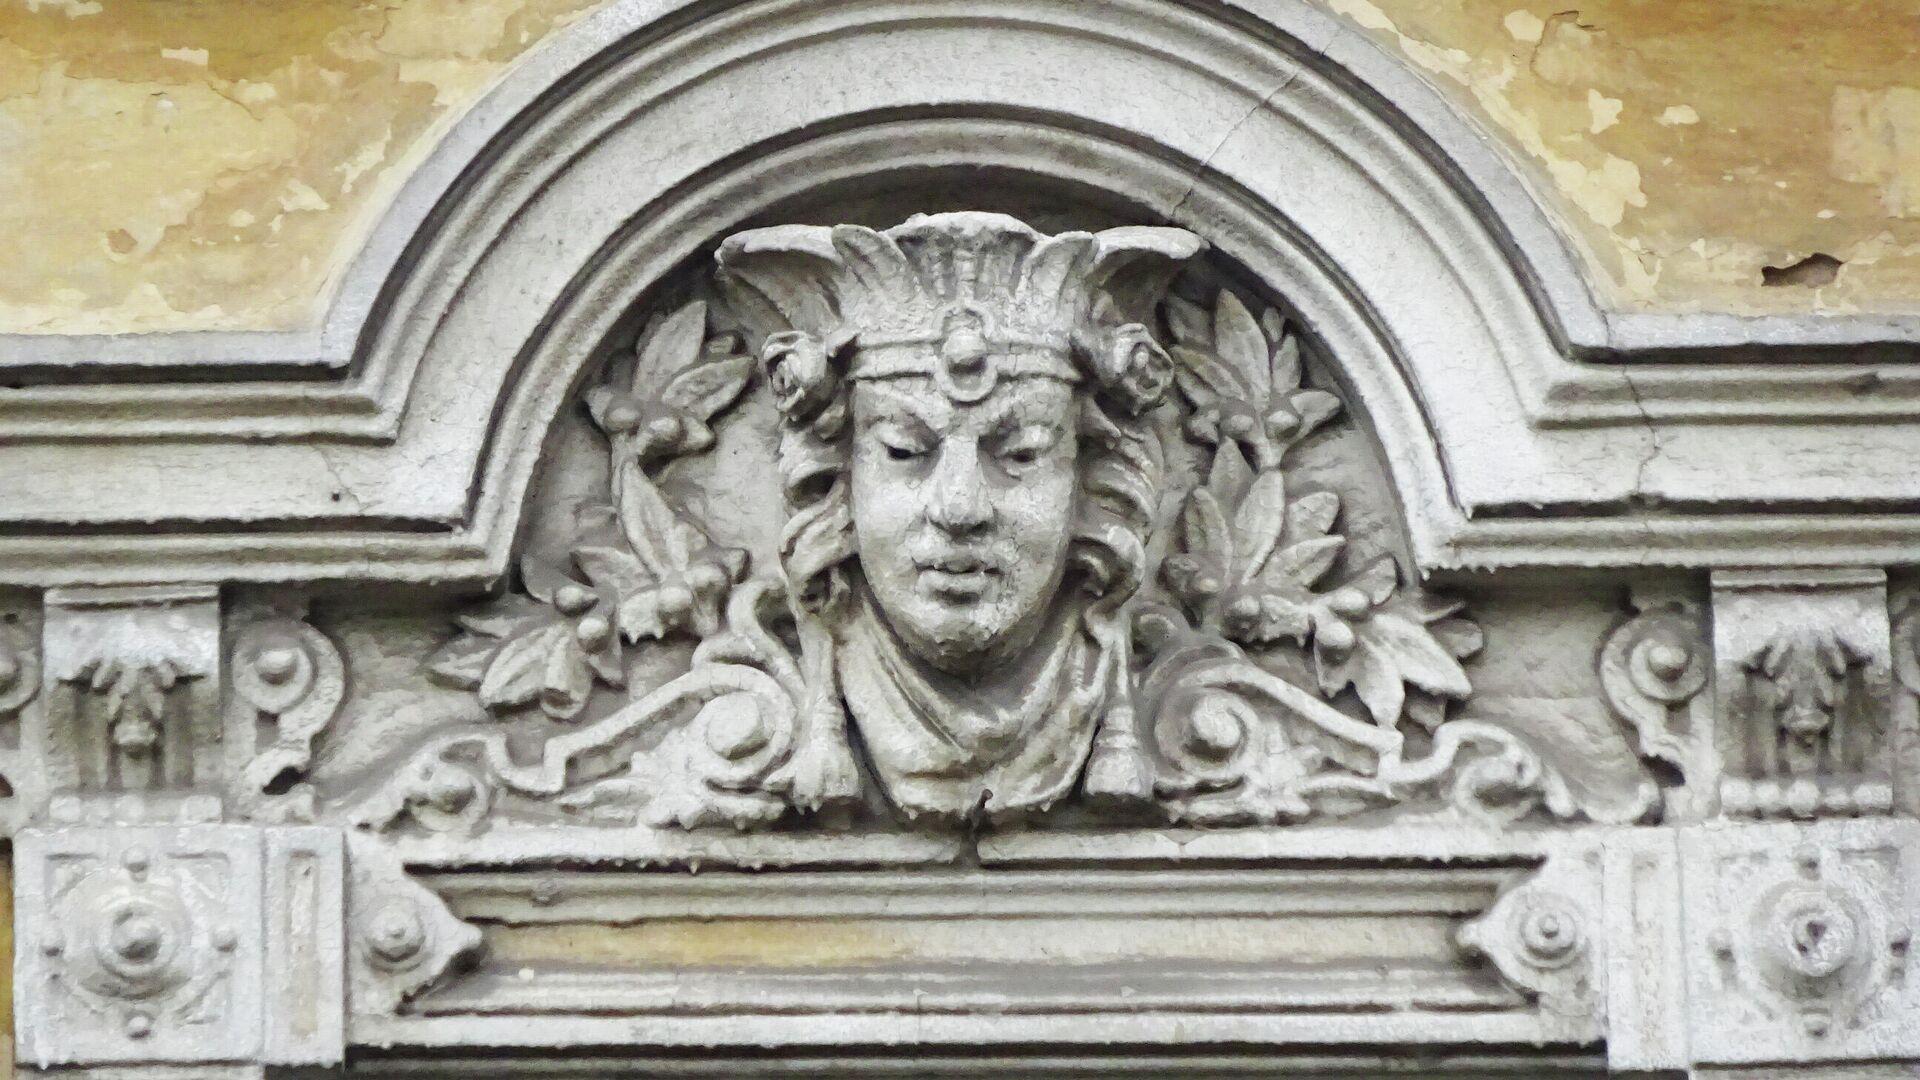 Лепнина на фасаде бывшей мастерской Юрьева  - РИА Новости, 1920, 20.06.2021